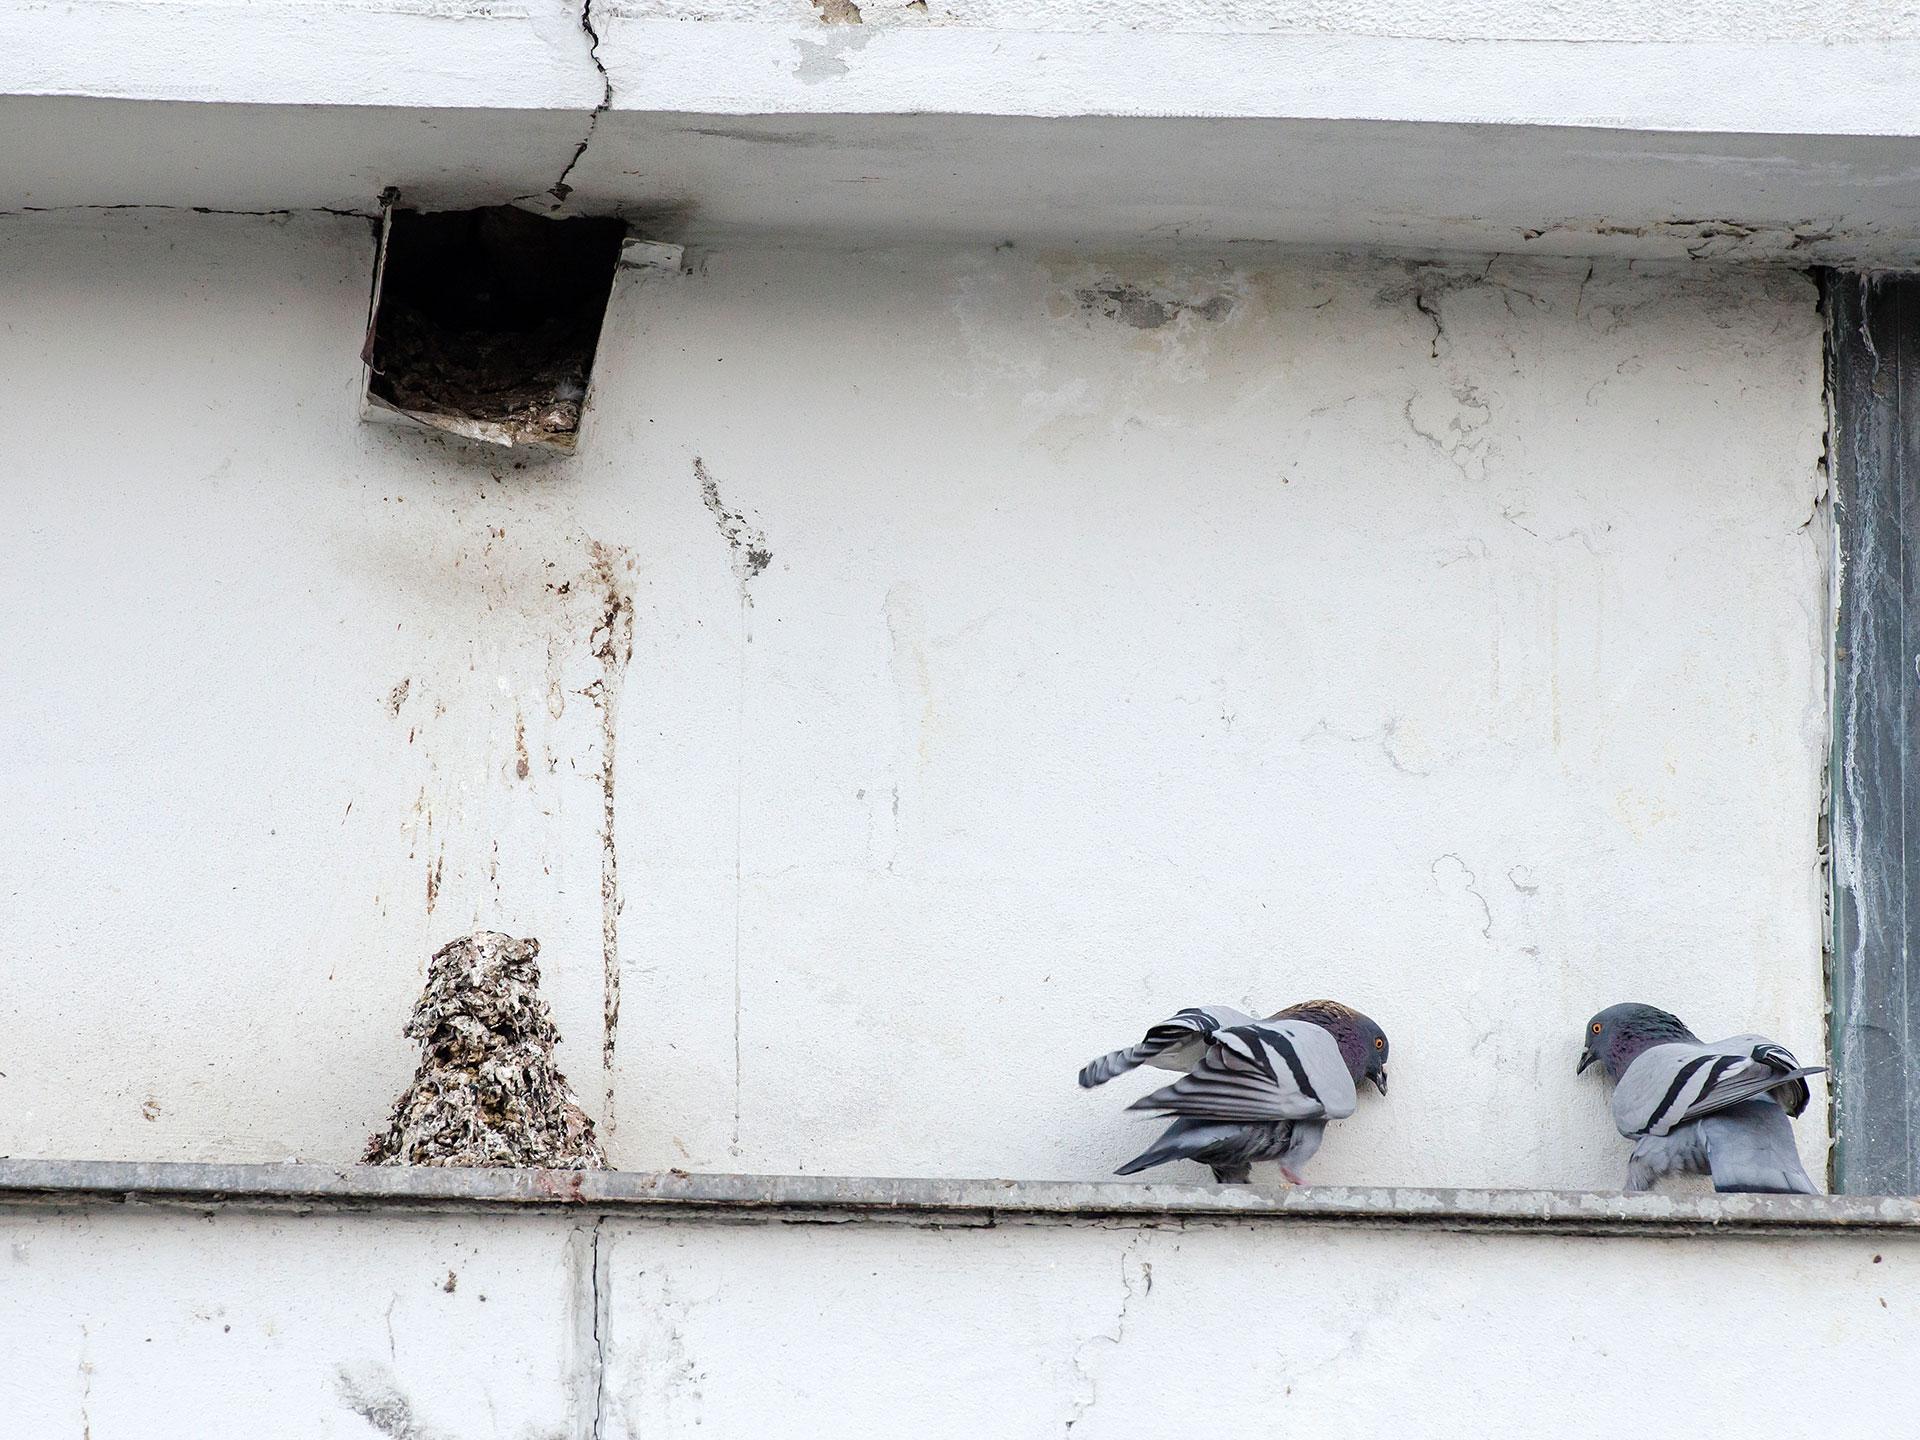 Styďte se, holubi!